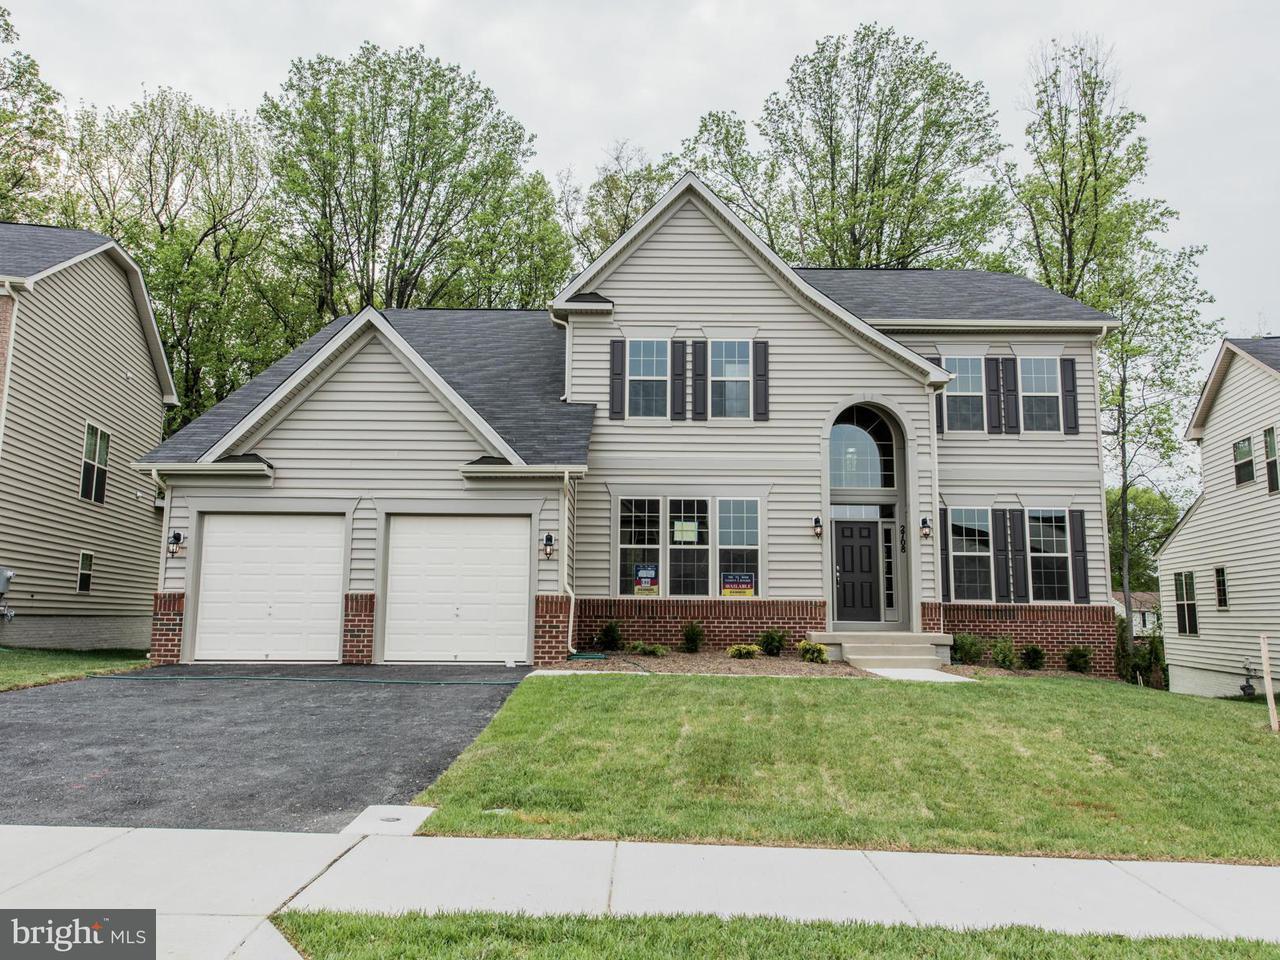 Casa Unifamiliar por un Venta en 2408 ST. NICHOLAS WAY 2408 ST. NICHOLAS WAY Glenarden, Maryland 20706 Estados Unidos